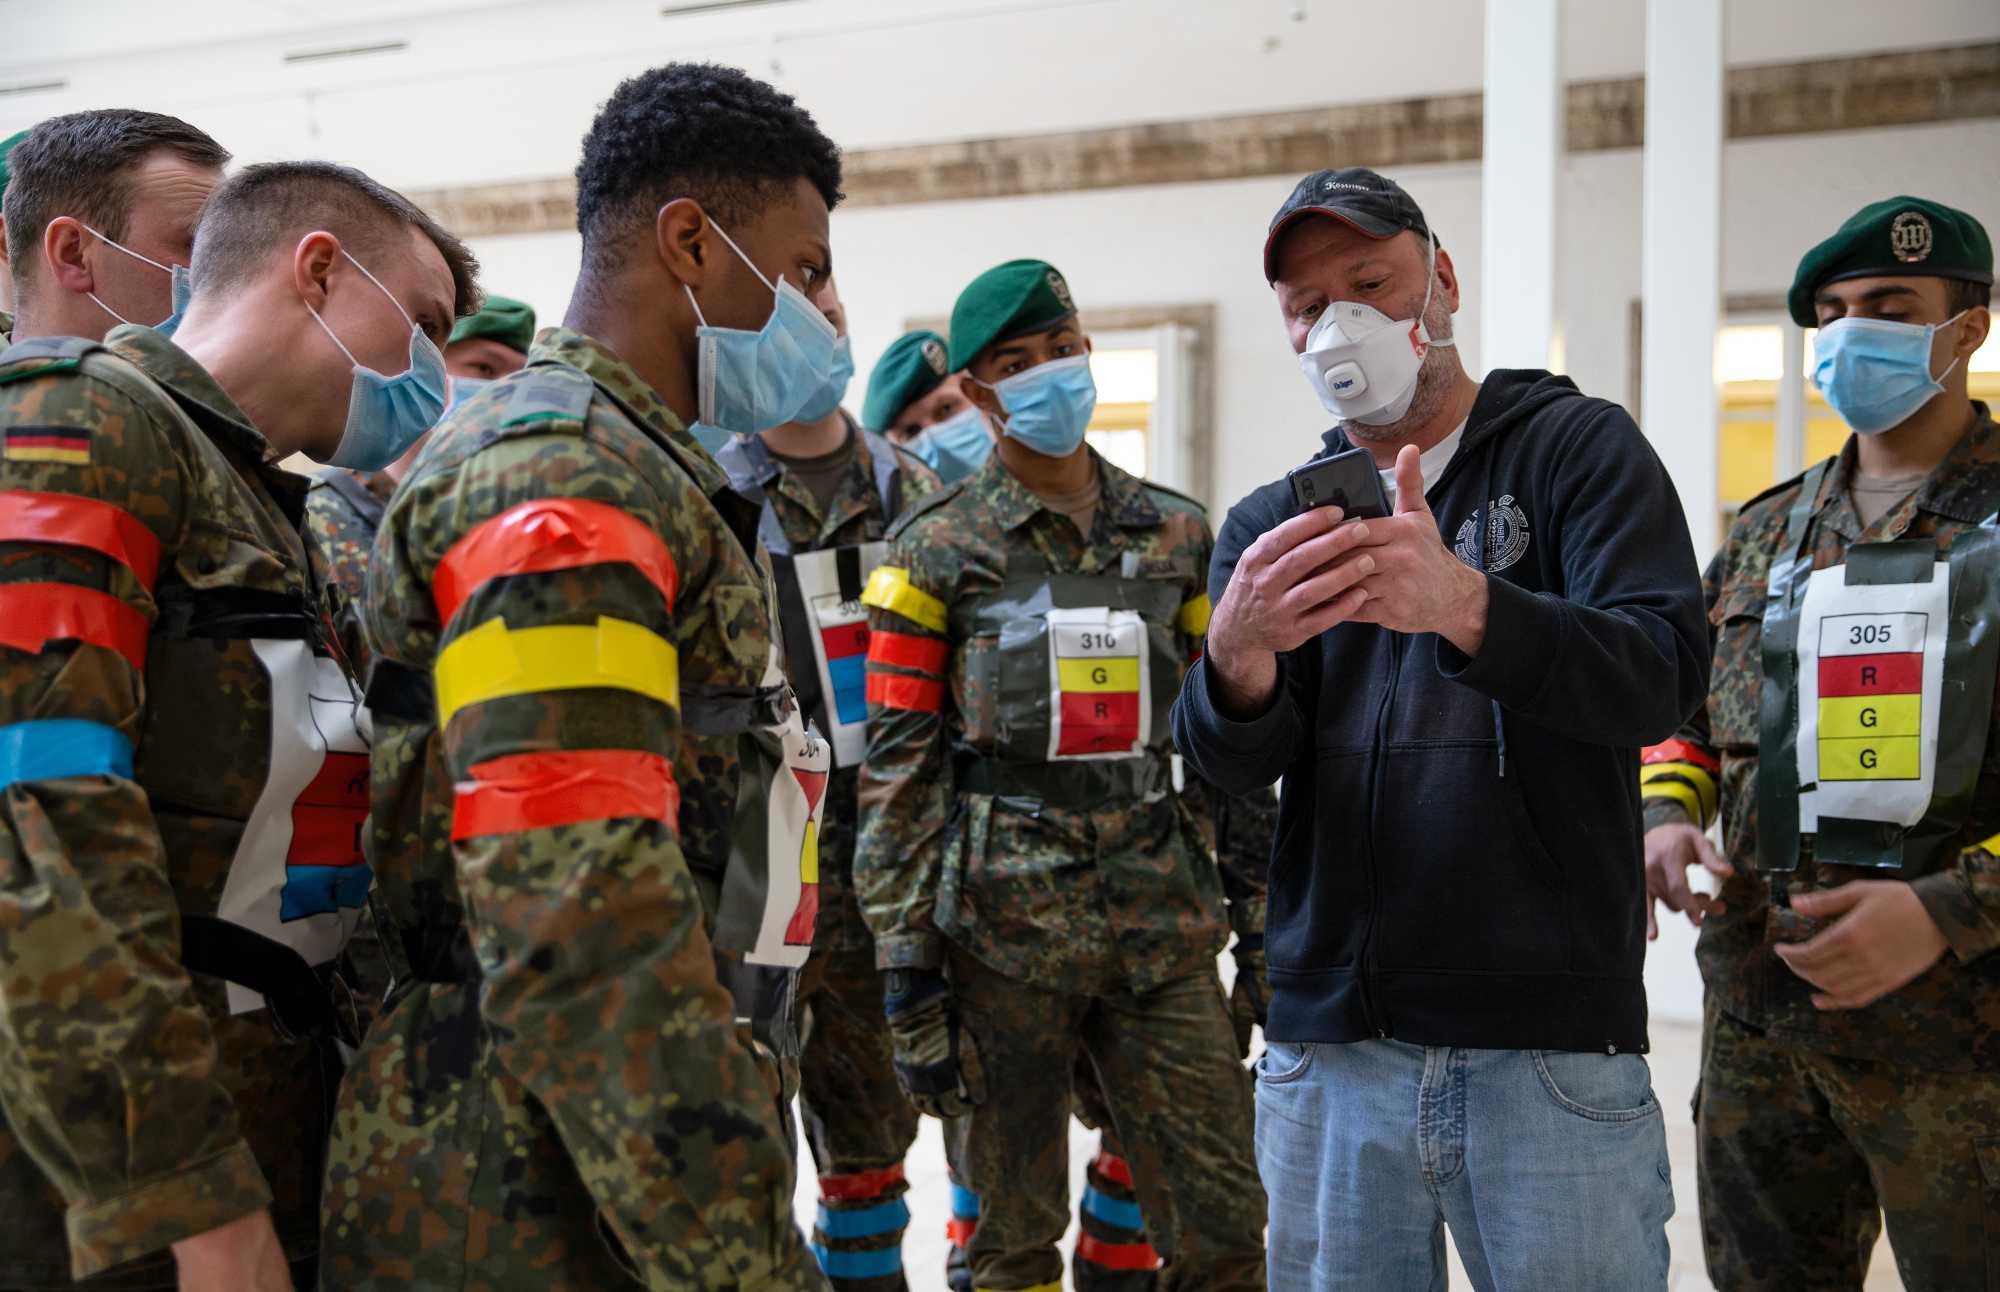 Labortests der Bundeswehr zeigten, dass selbst ohne den Einfluss von Wänden und Scheiben eine korrekte Entfernungsmessung per Bluetooth in einem Viertel bis einem Drittel der Fälle scheitert.